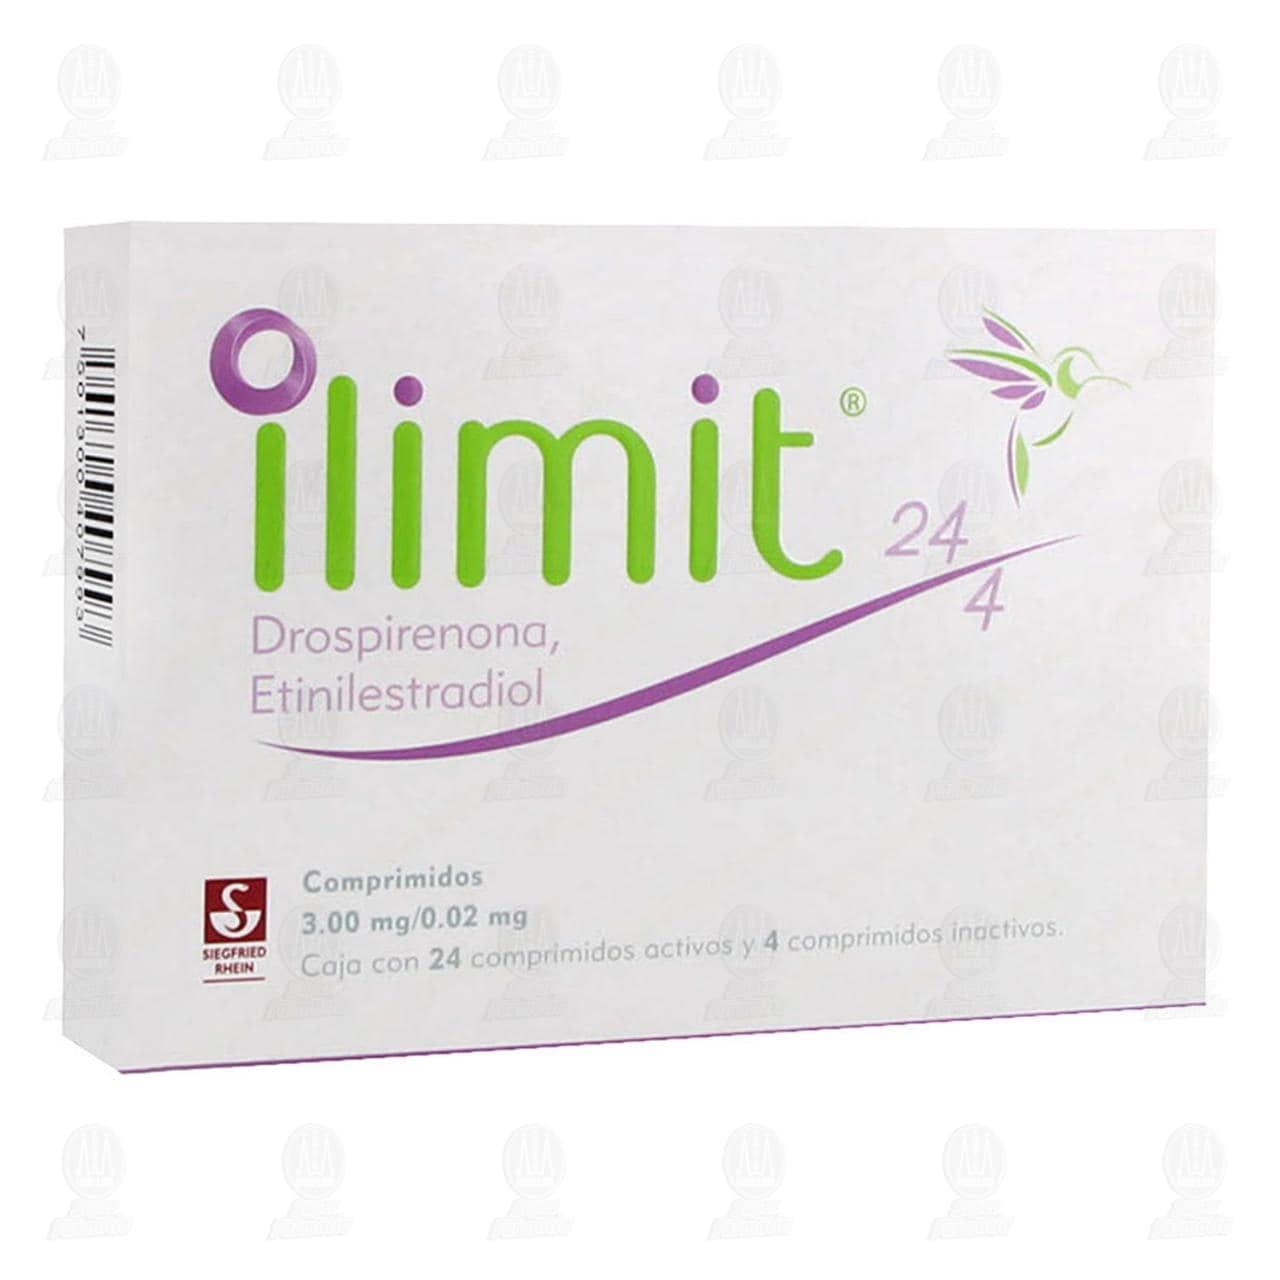 Ilimit 3.0mg/0.02mg 24 Comprimidos Activos y 4 Inactivos